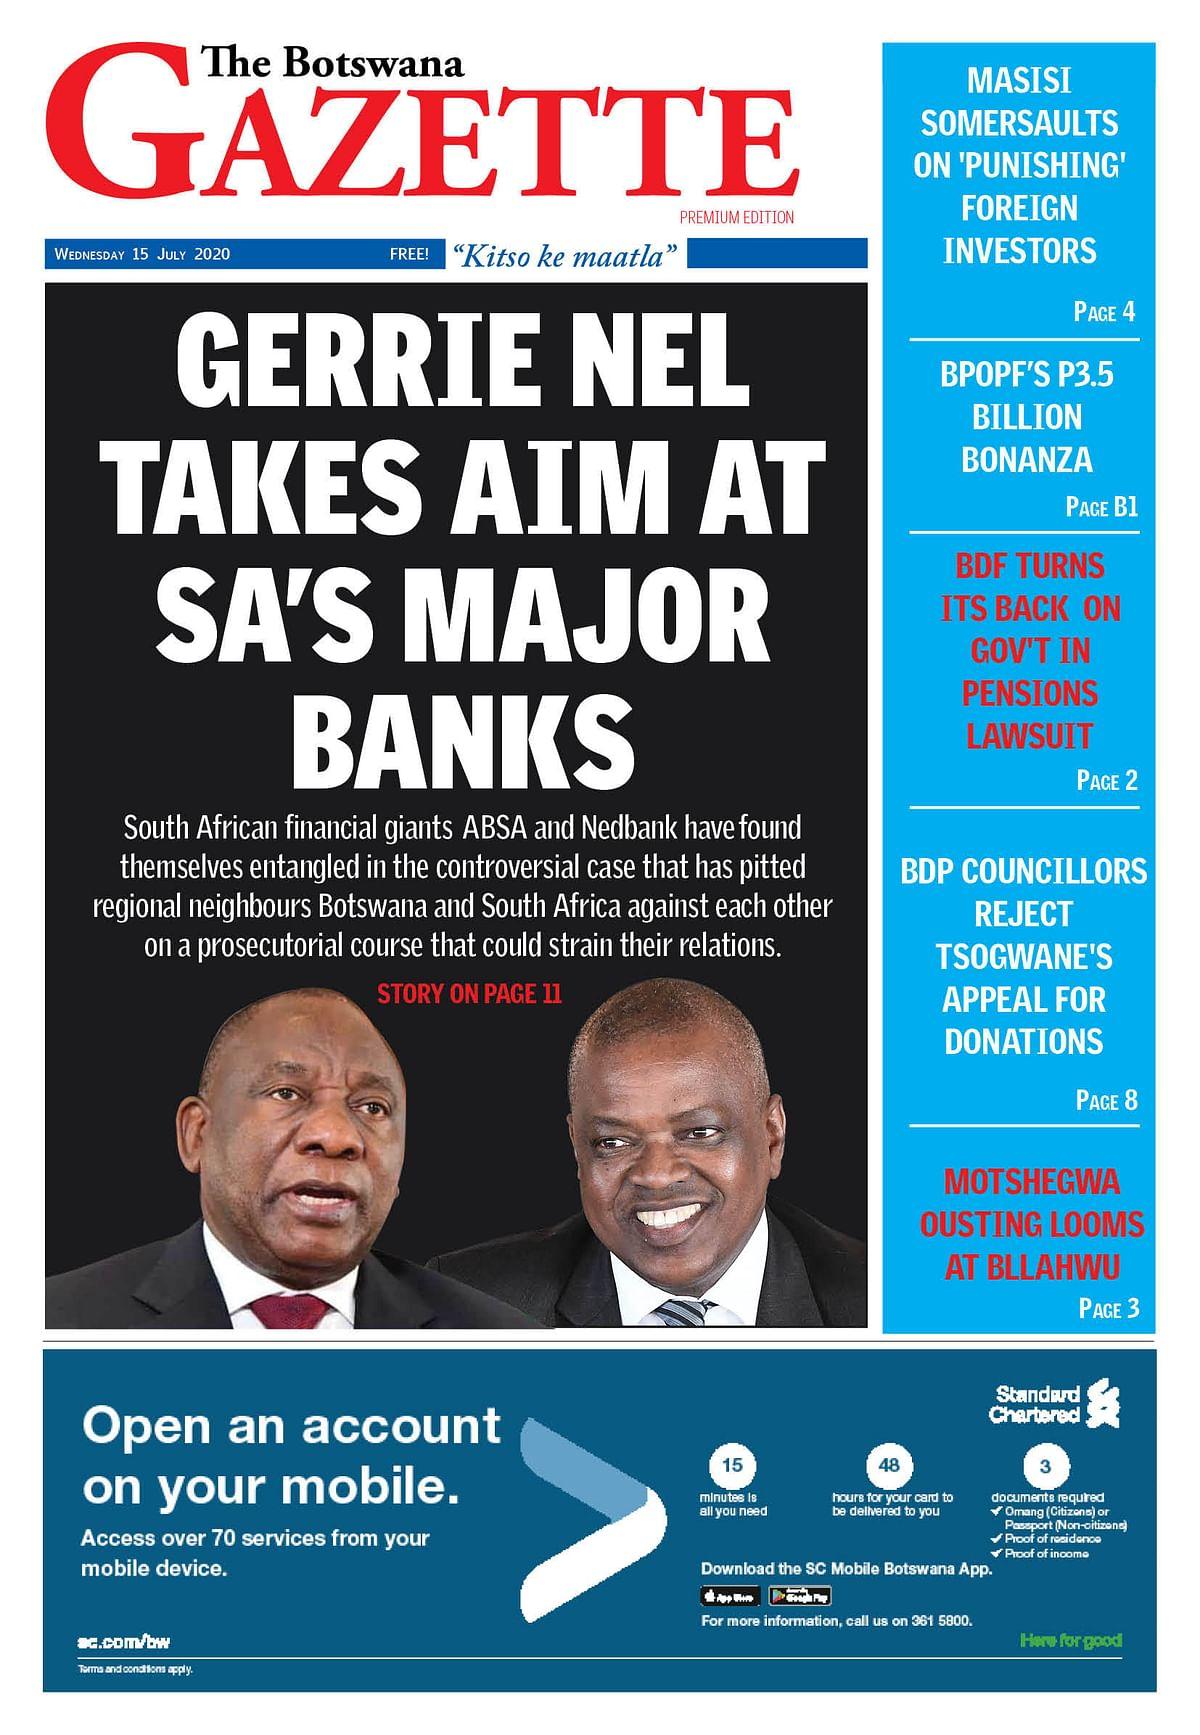 The Botswana Gazette 15 July 2020